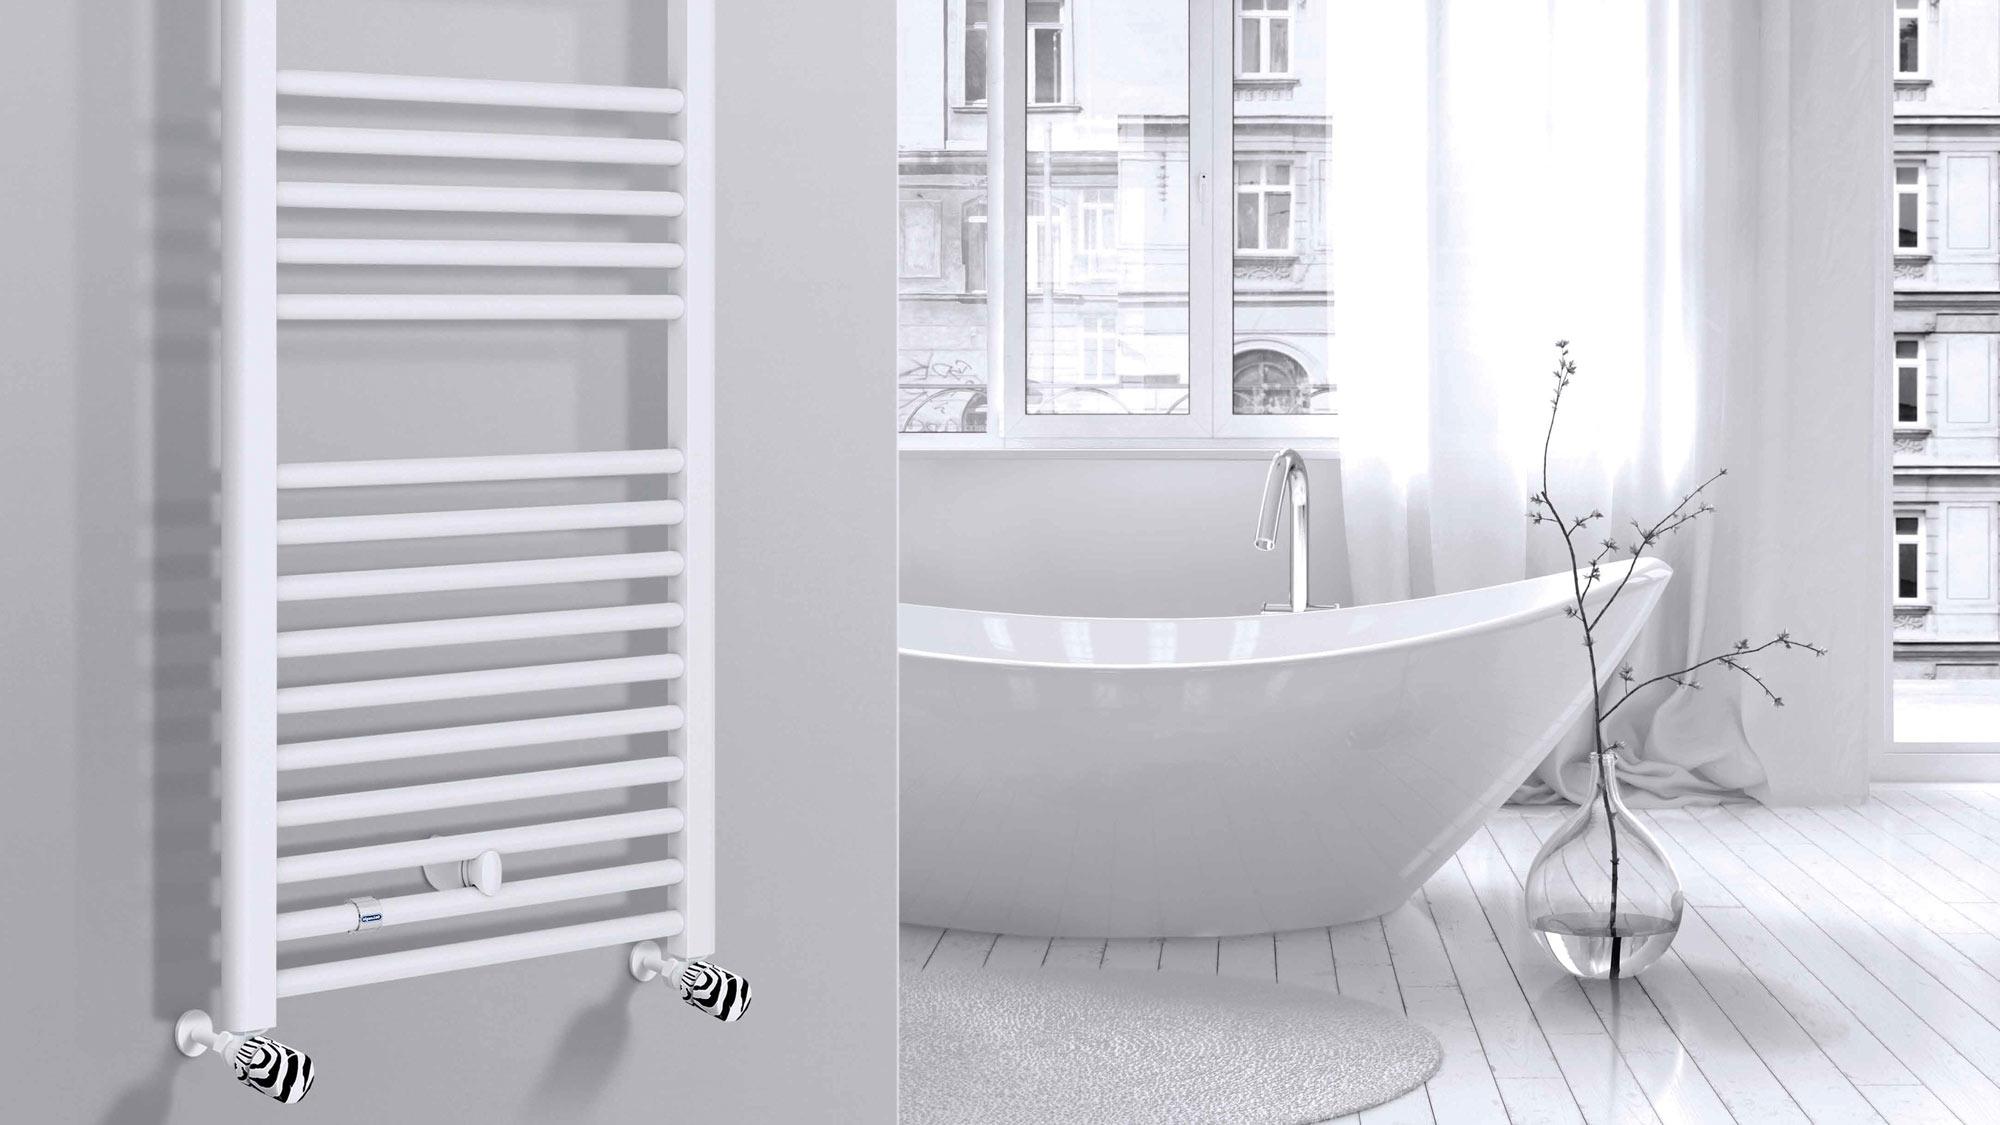 De'Longhi Home Radiators | Prodotti per il riscaldamento di casa